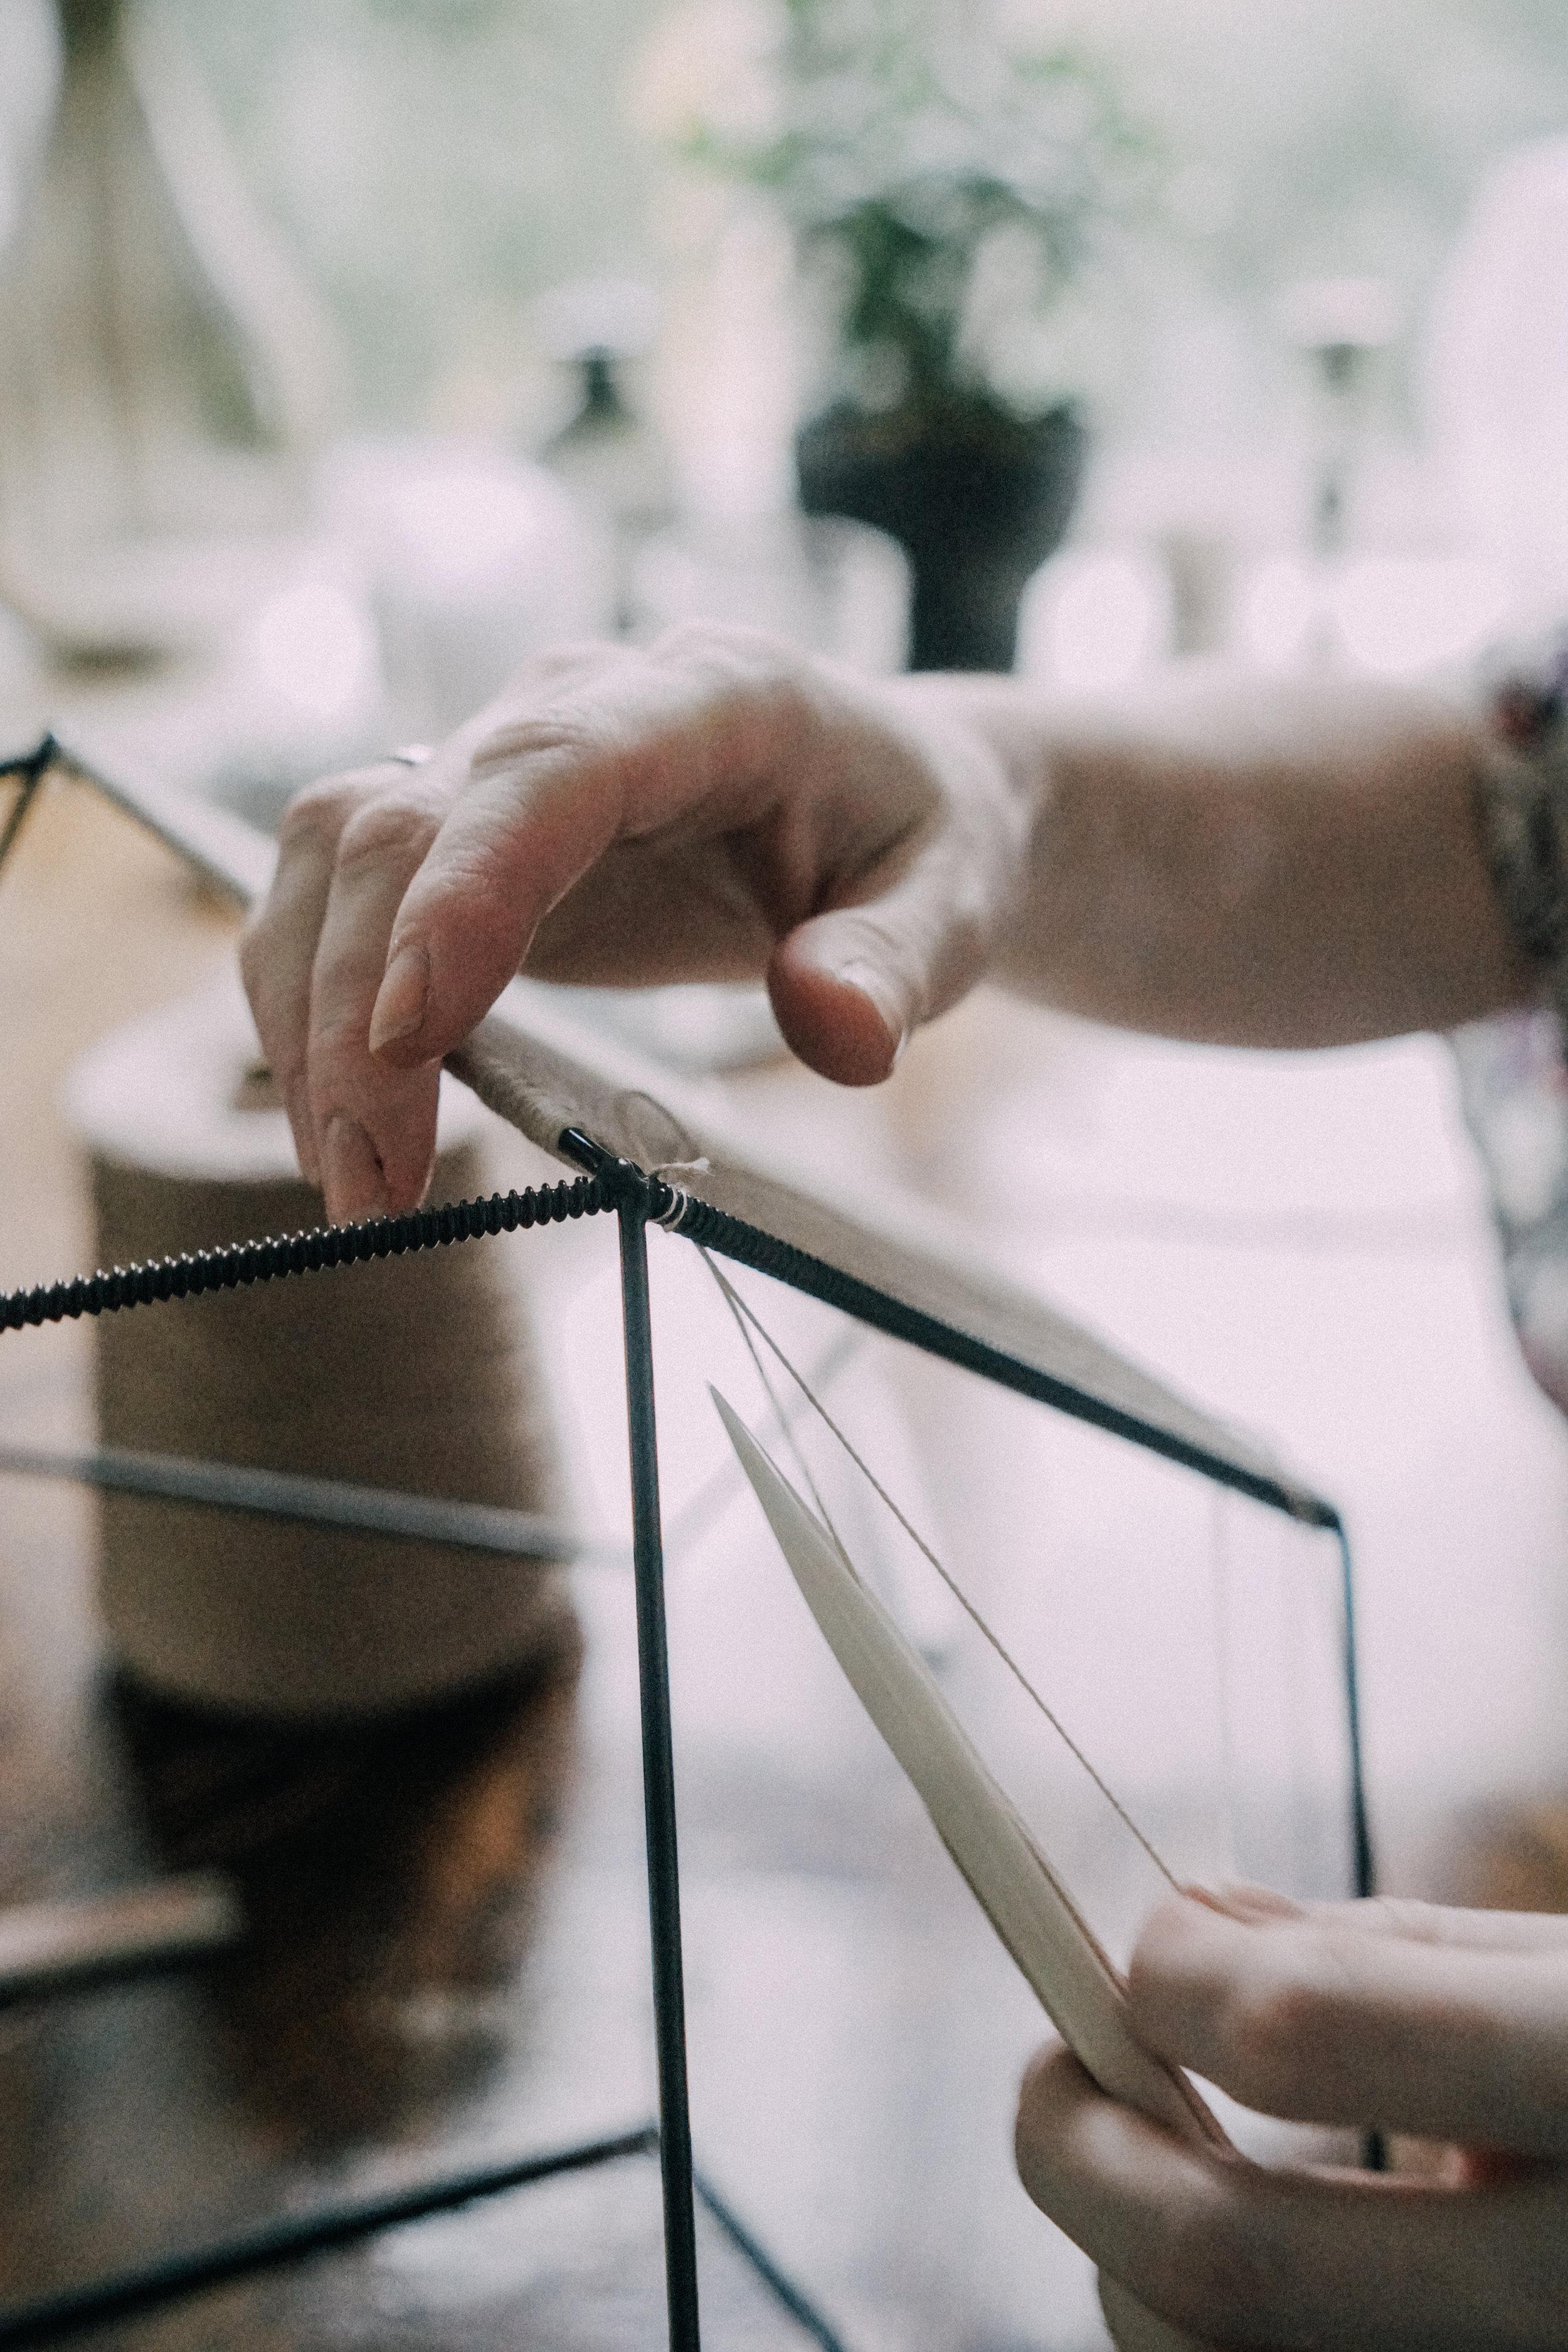 Alexandra Raben cutting threads